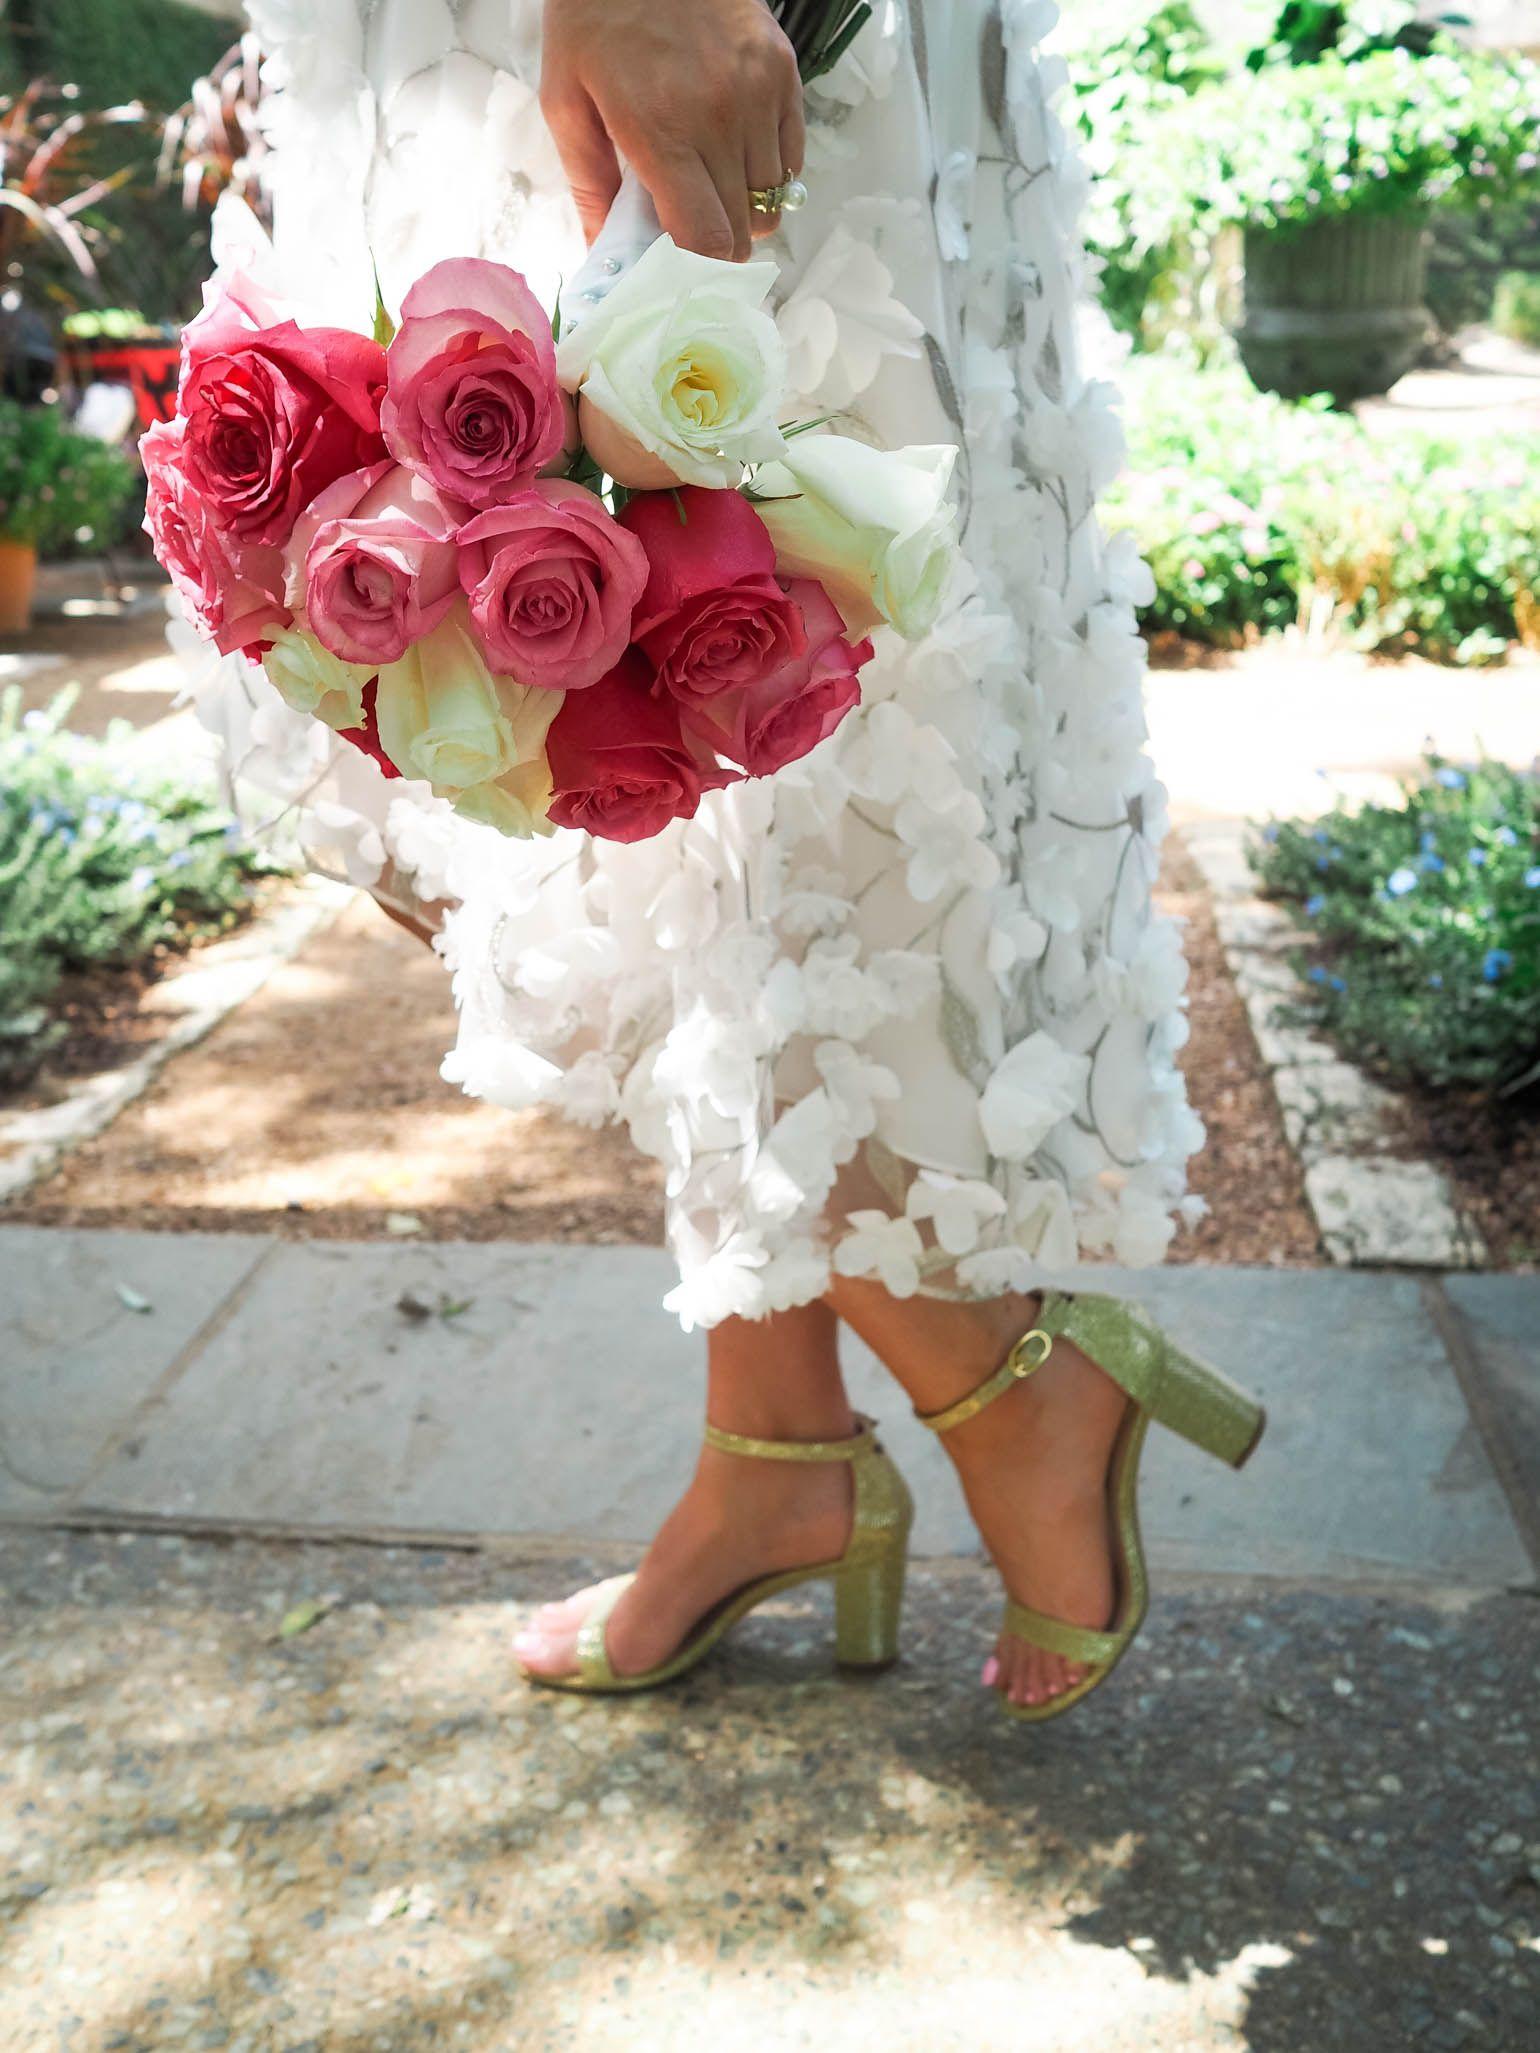 My Civil Ceremony Details Dress Shoes Bouquet More Pink